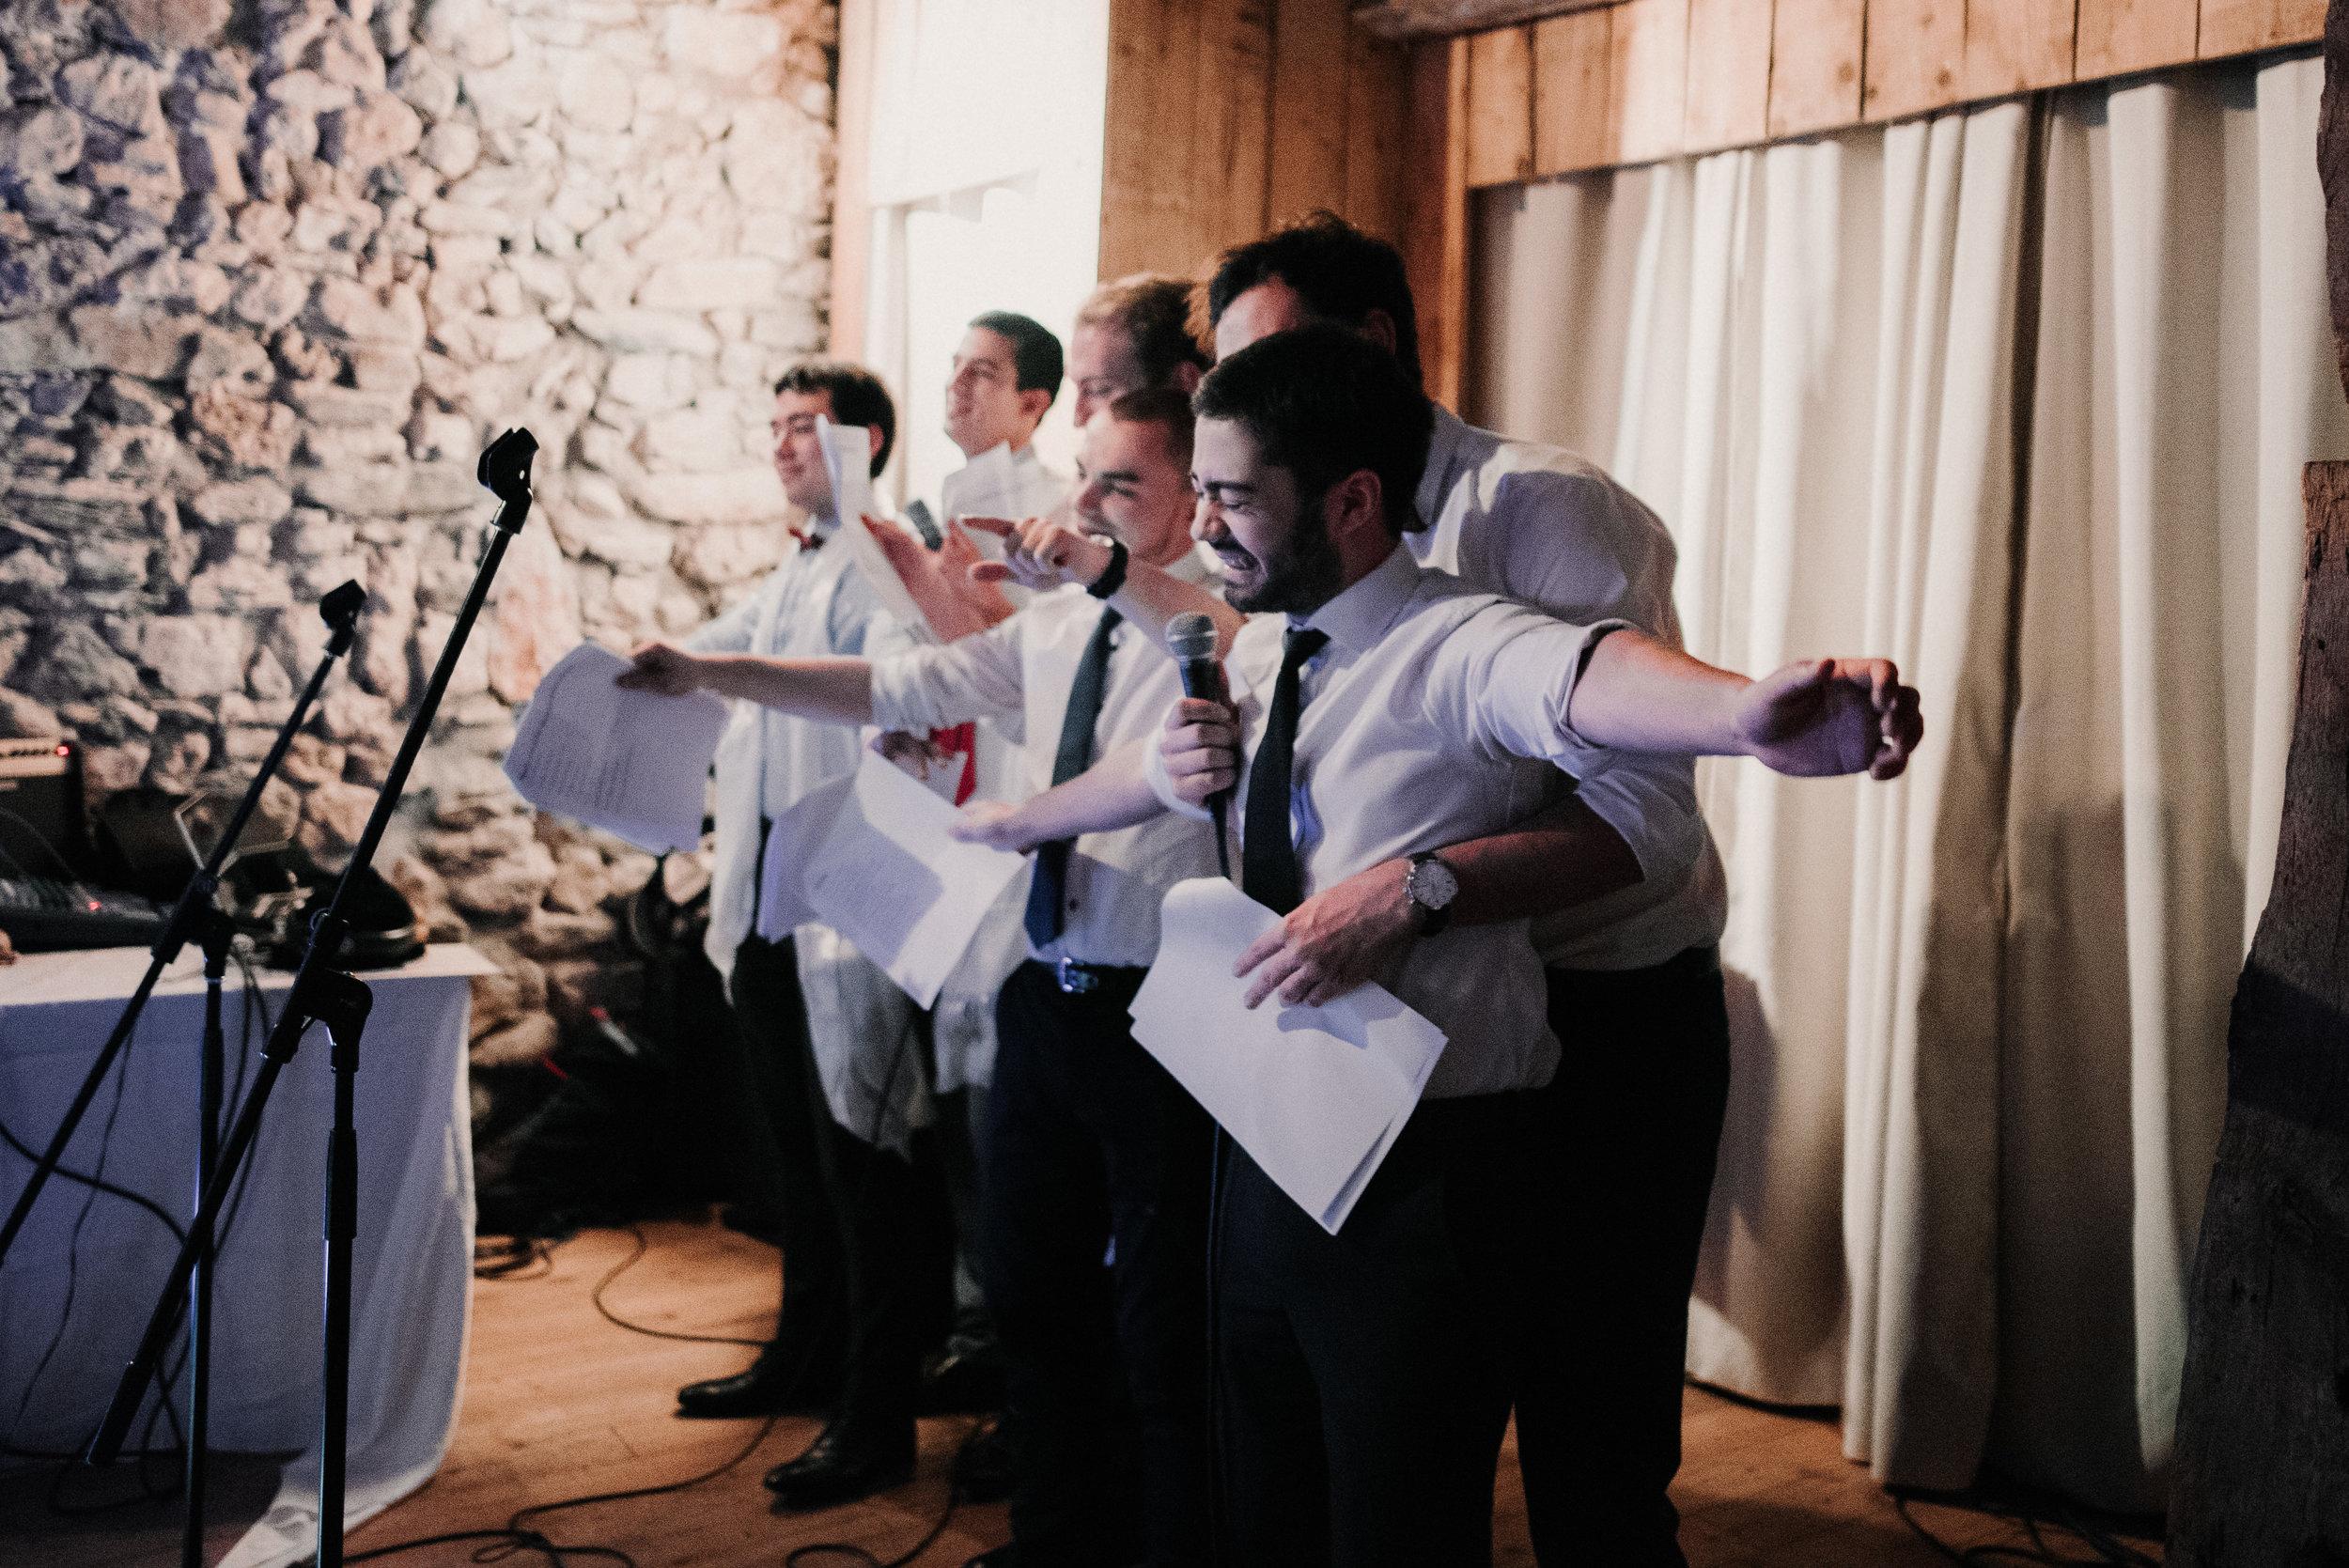 Léa-Fery-photographe-professionnel-lyon-rhone-alpes-portrait-creation-mariage-evenement-evenementiel-famille-7777.jpg